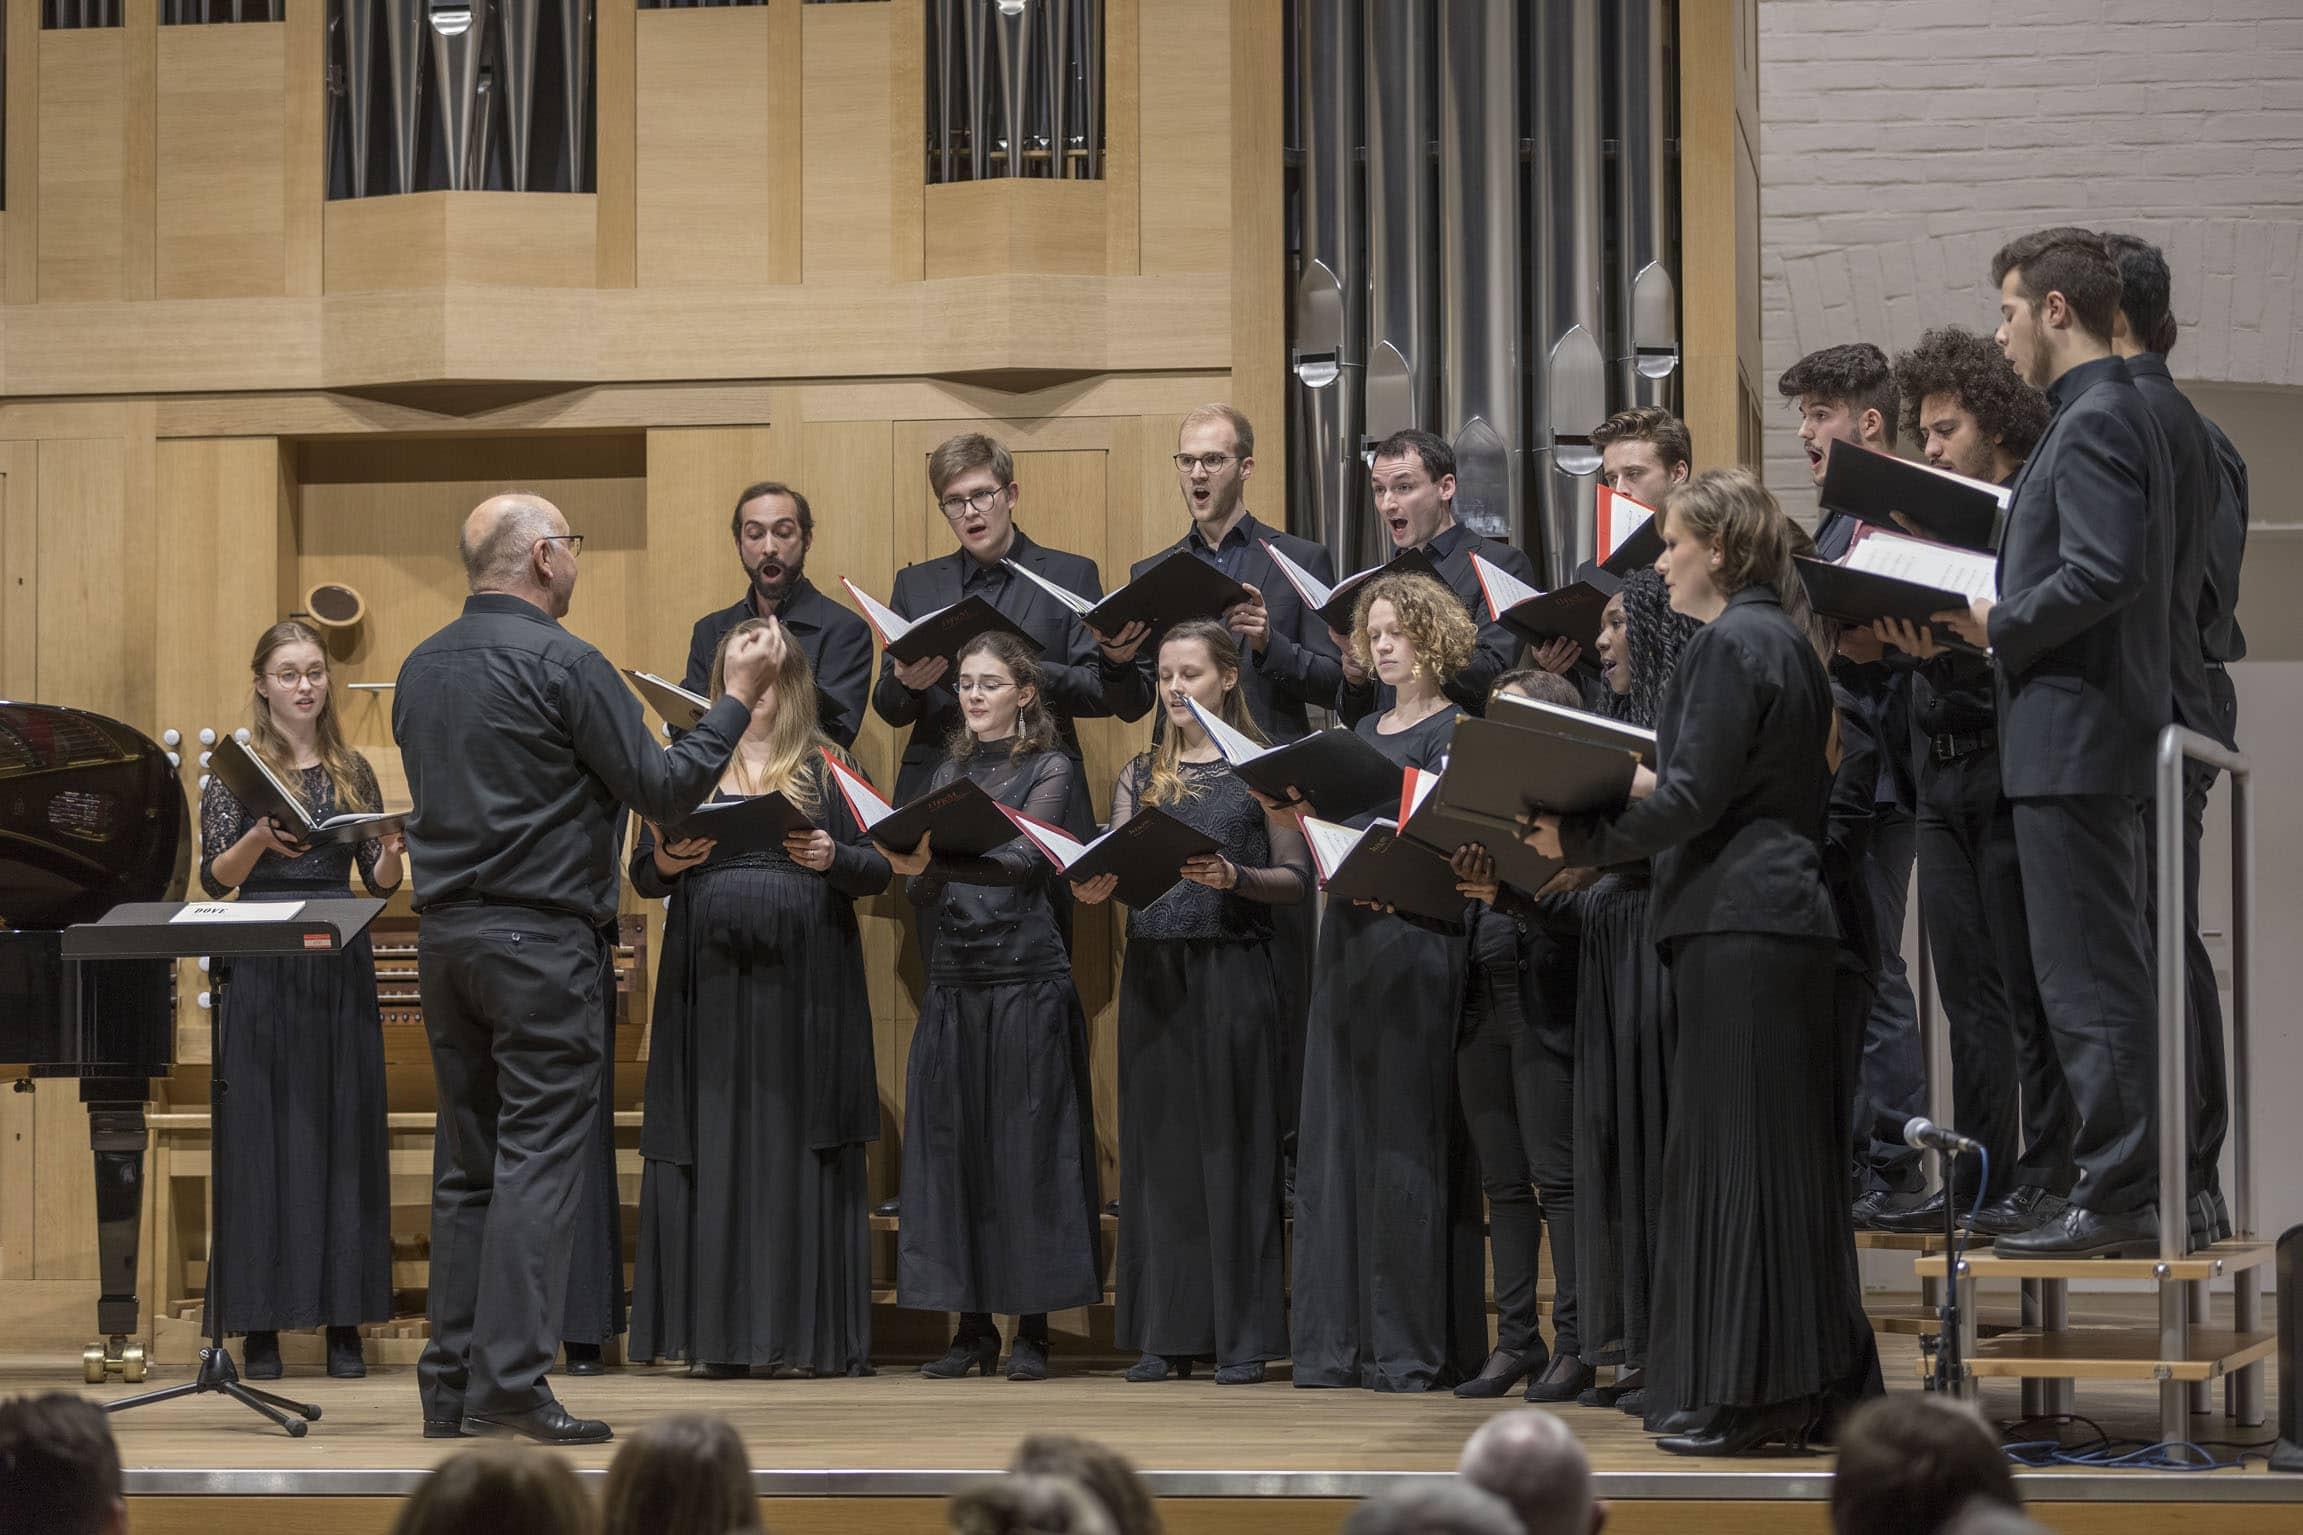 Konzerte Sallern starten mit dem Neuen Kammerchor der HfKM Blizz Leserreporter: Von Ewigkeit zu Ewigkeit